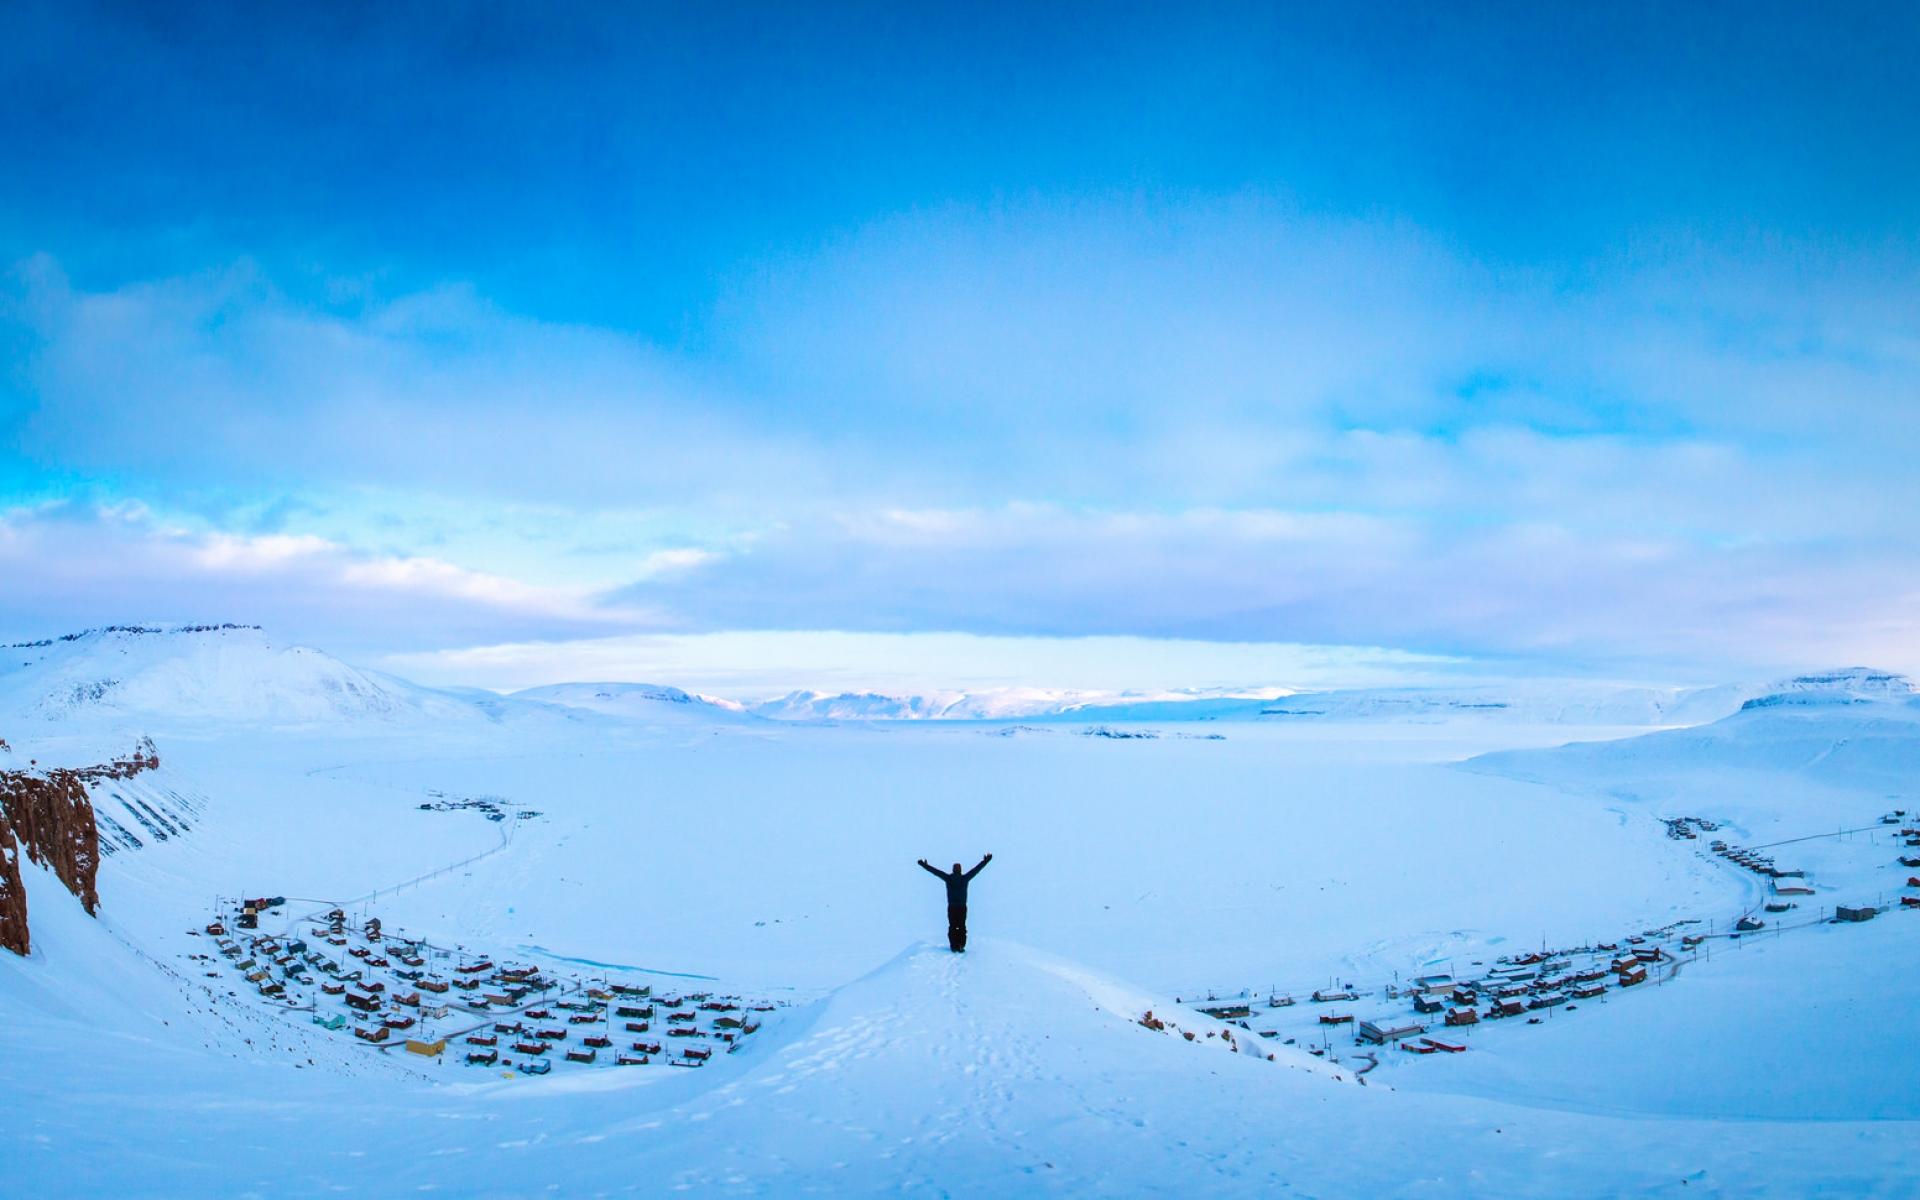 Hombre en la nieve - 1920x1200